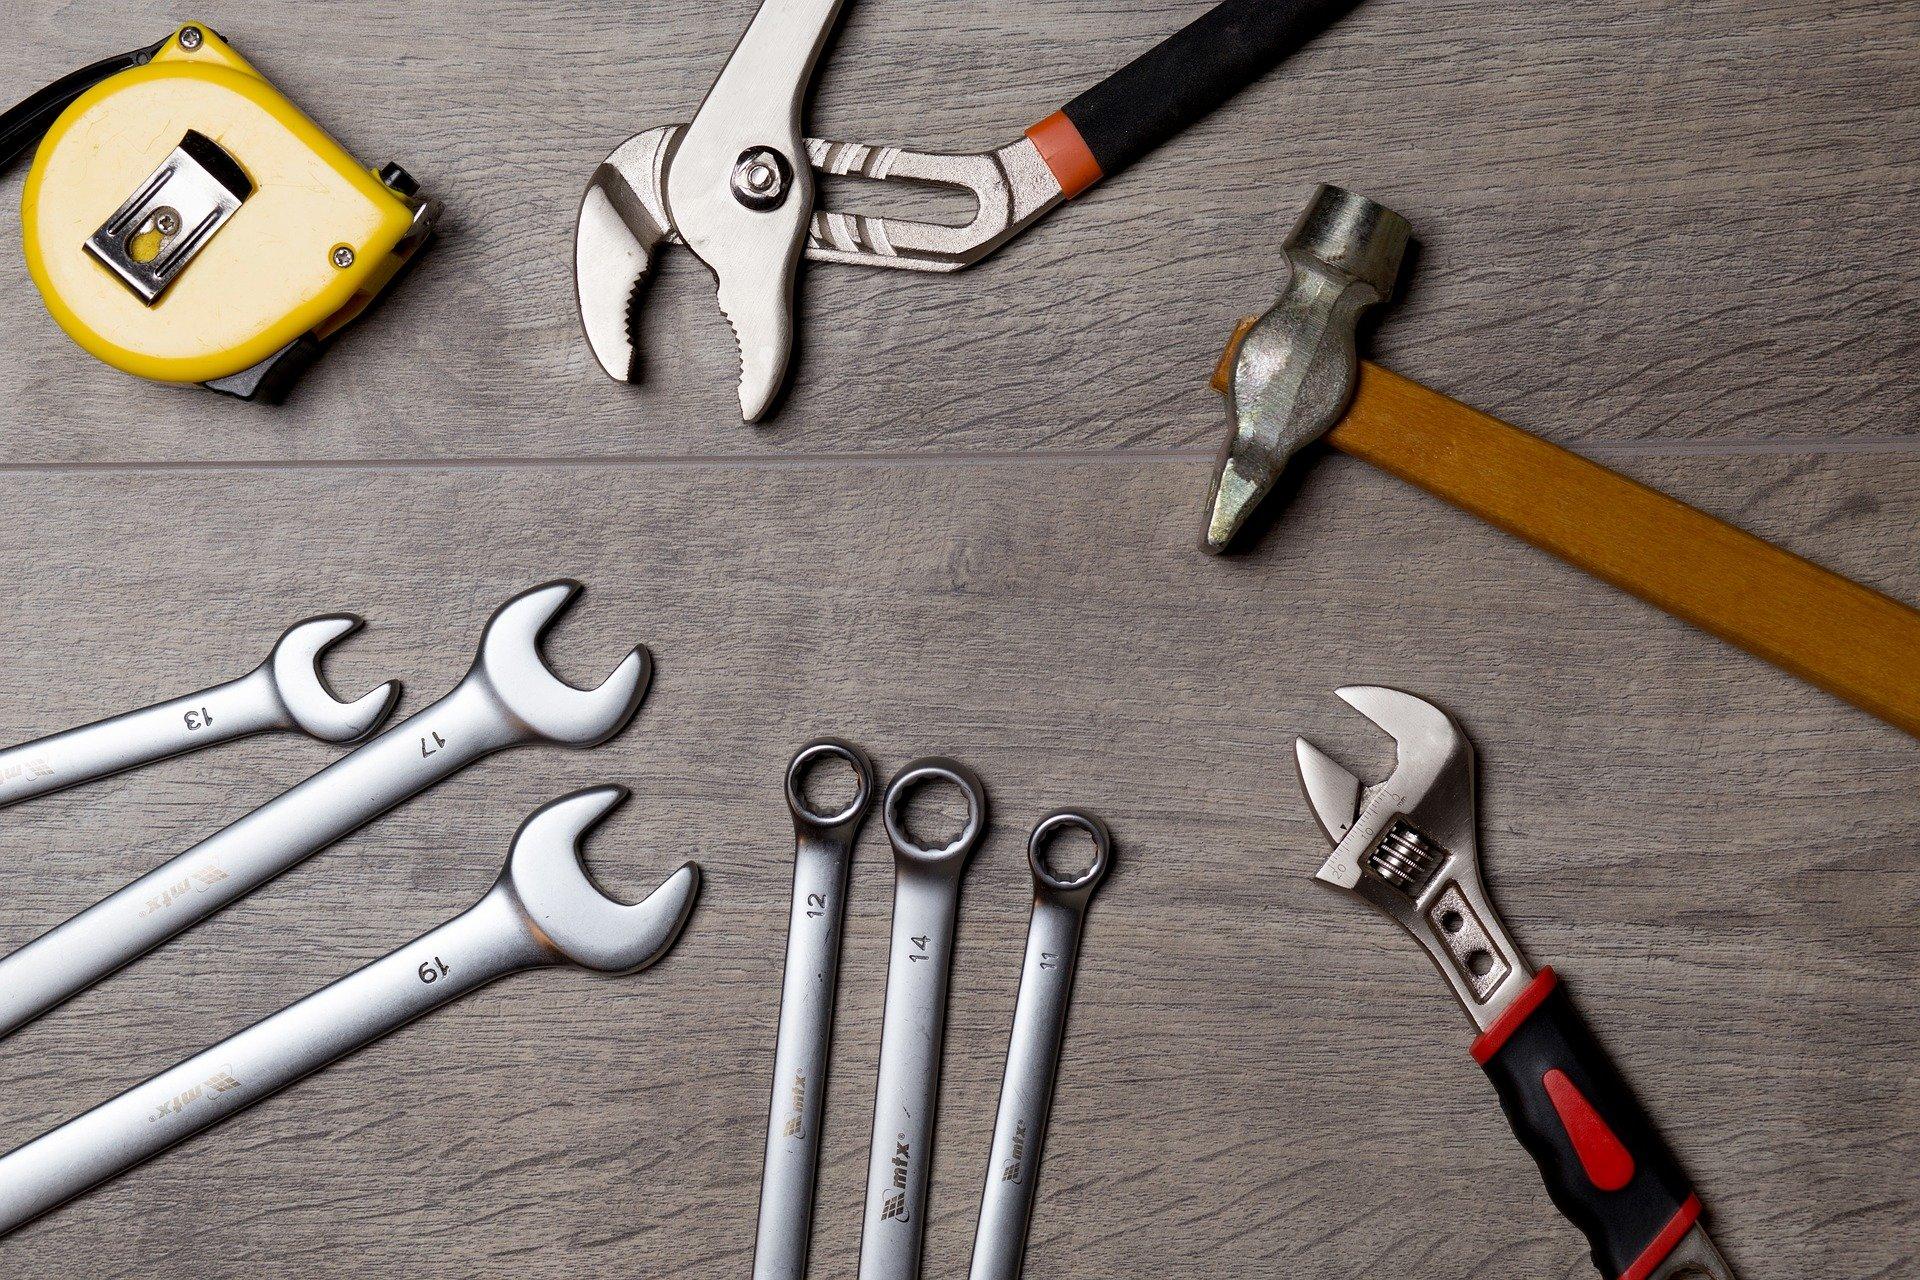 Онлайн-закупки товаров для ремонта и дачи выросли в 3 раза